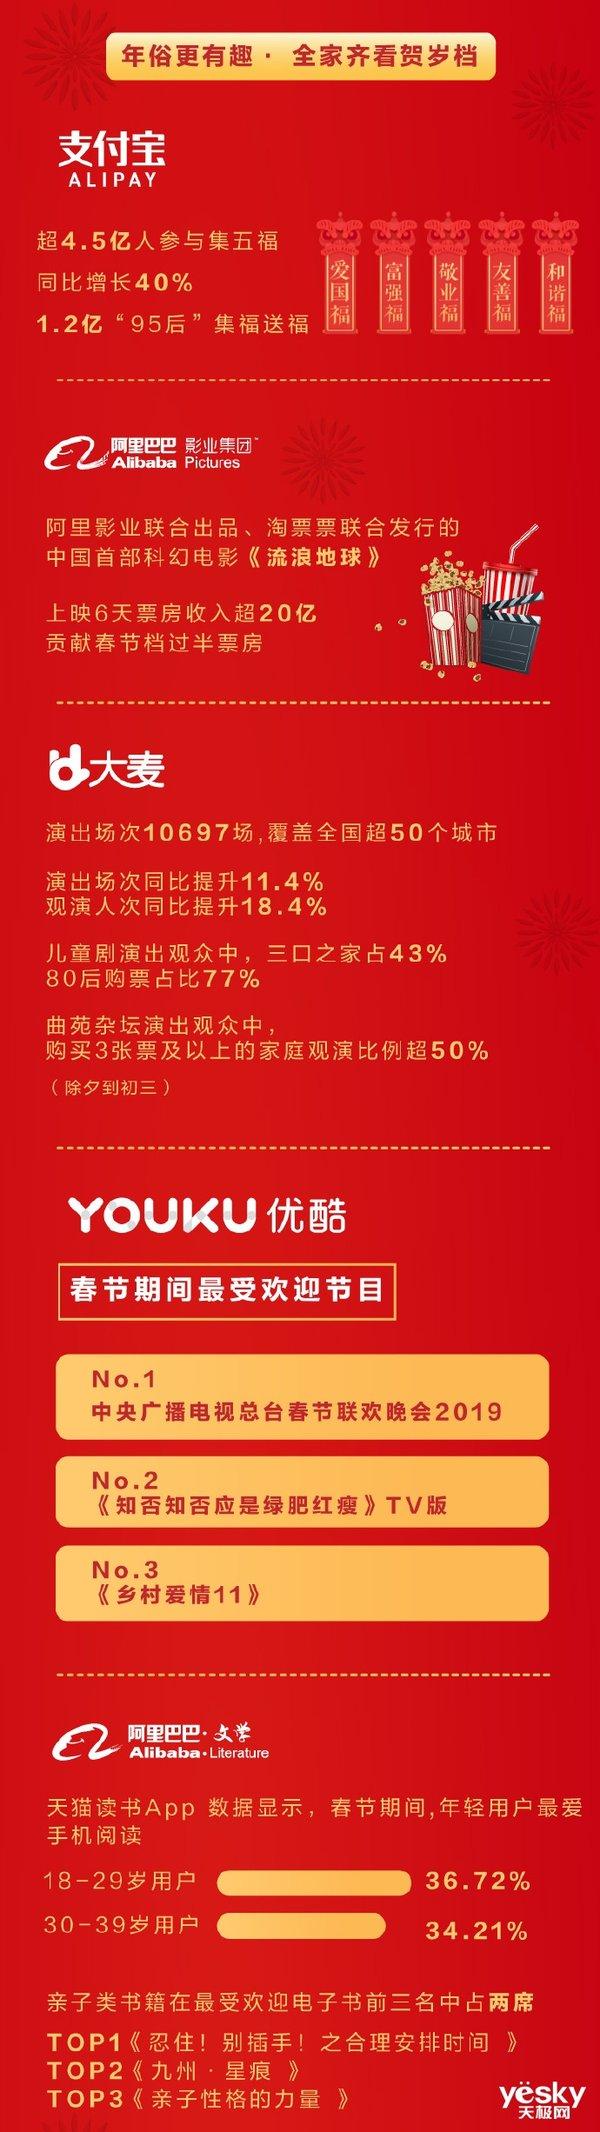 阿里公布《2019春节经济报告》:支付宝强势助攻,淘宝用户增100%